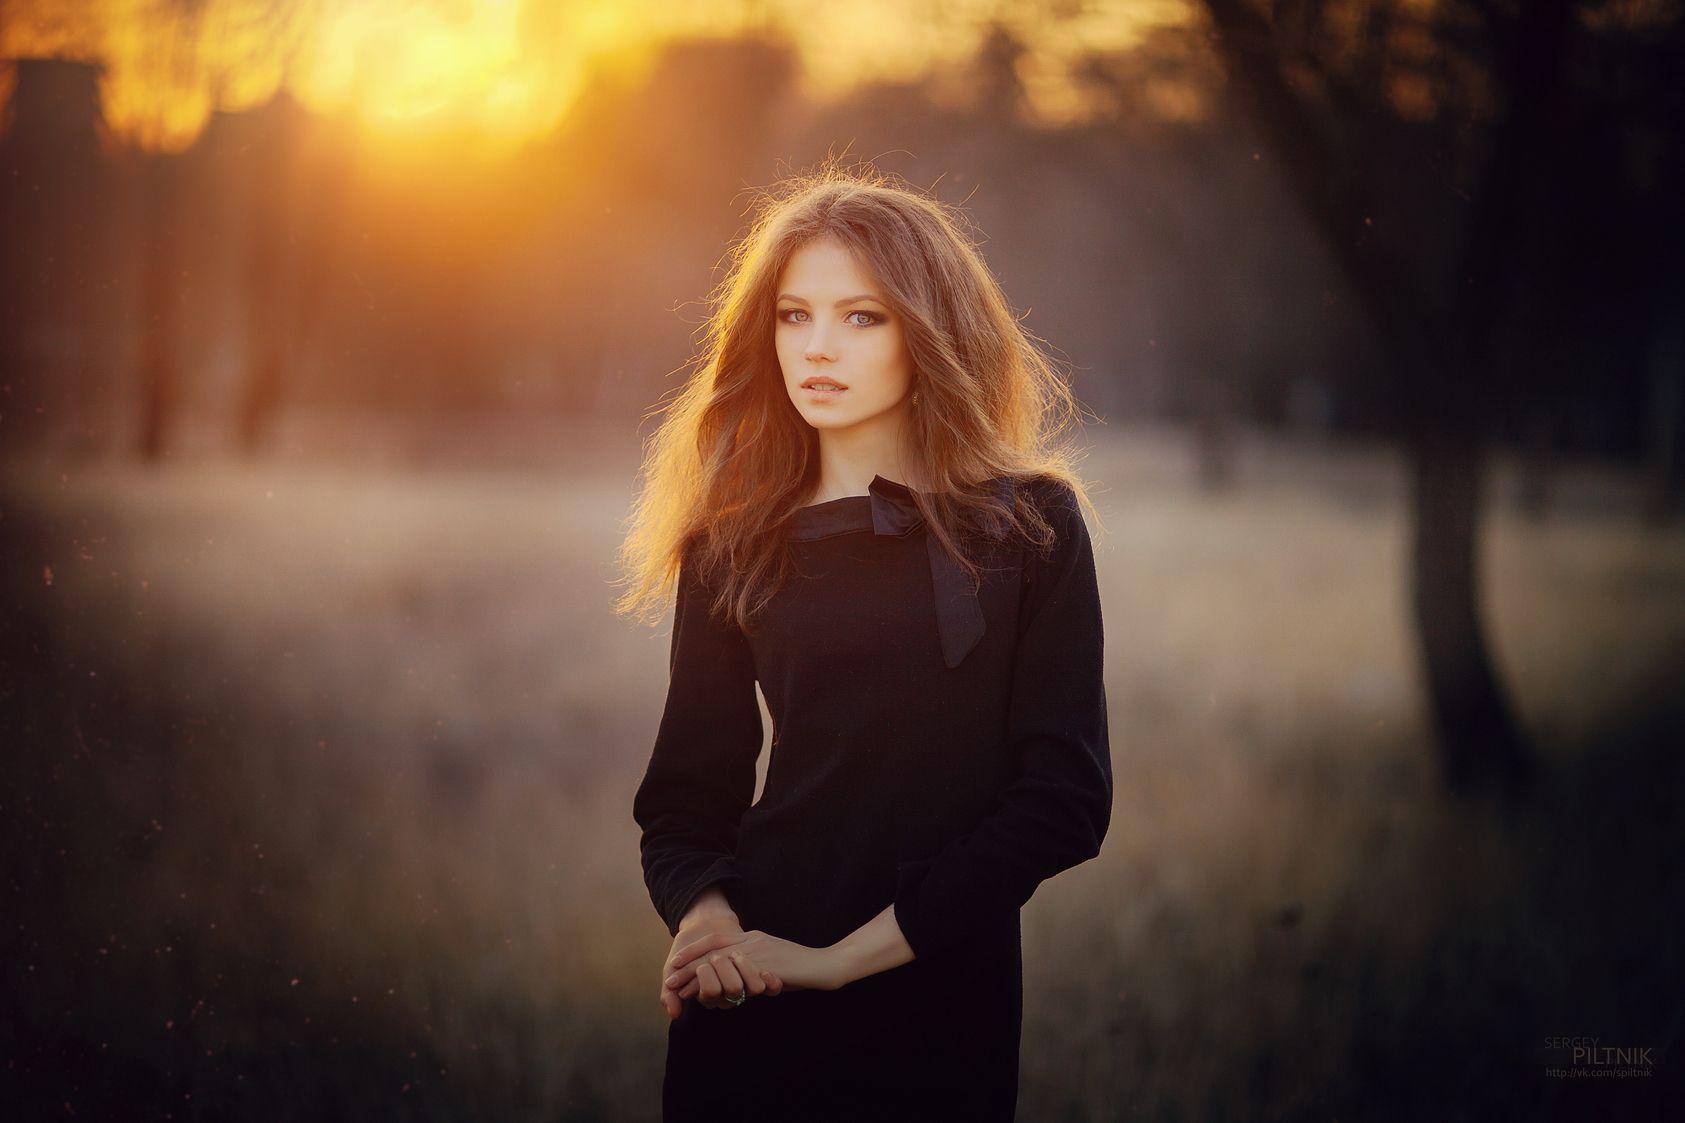 Ксения | Красивые женщины, Фотосессия, Женщина